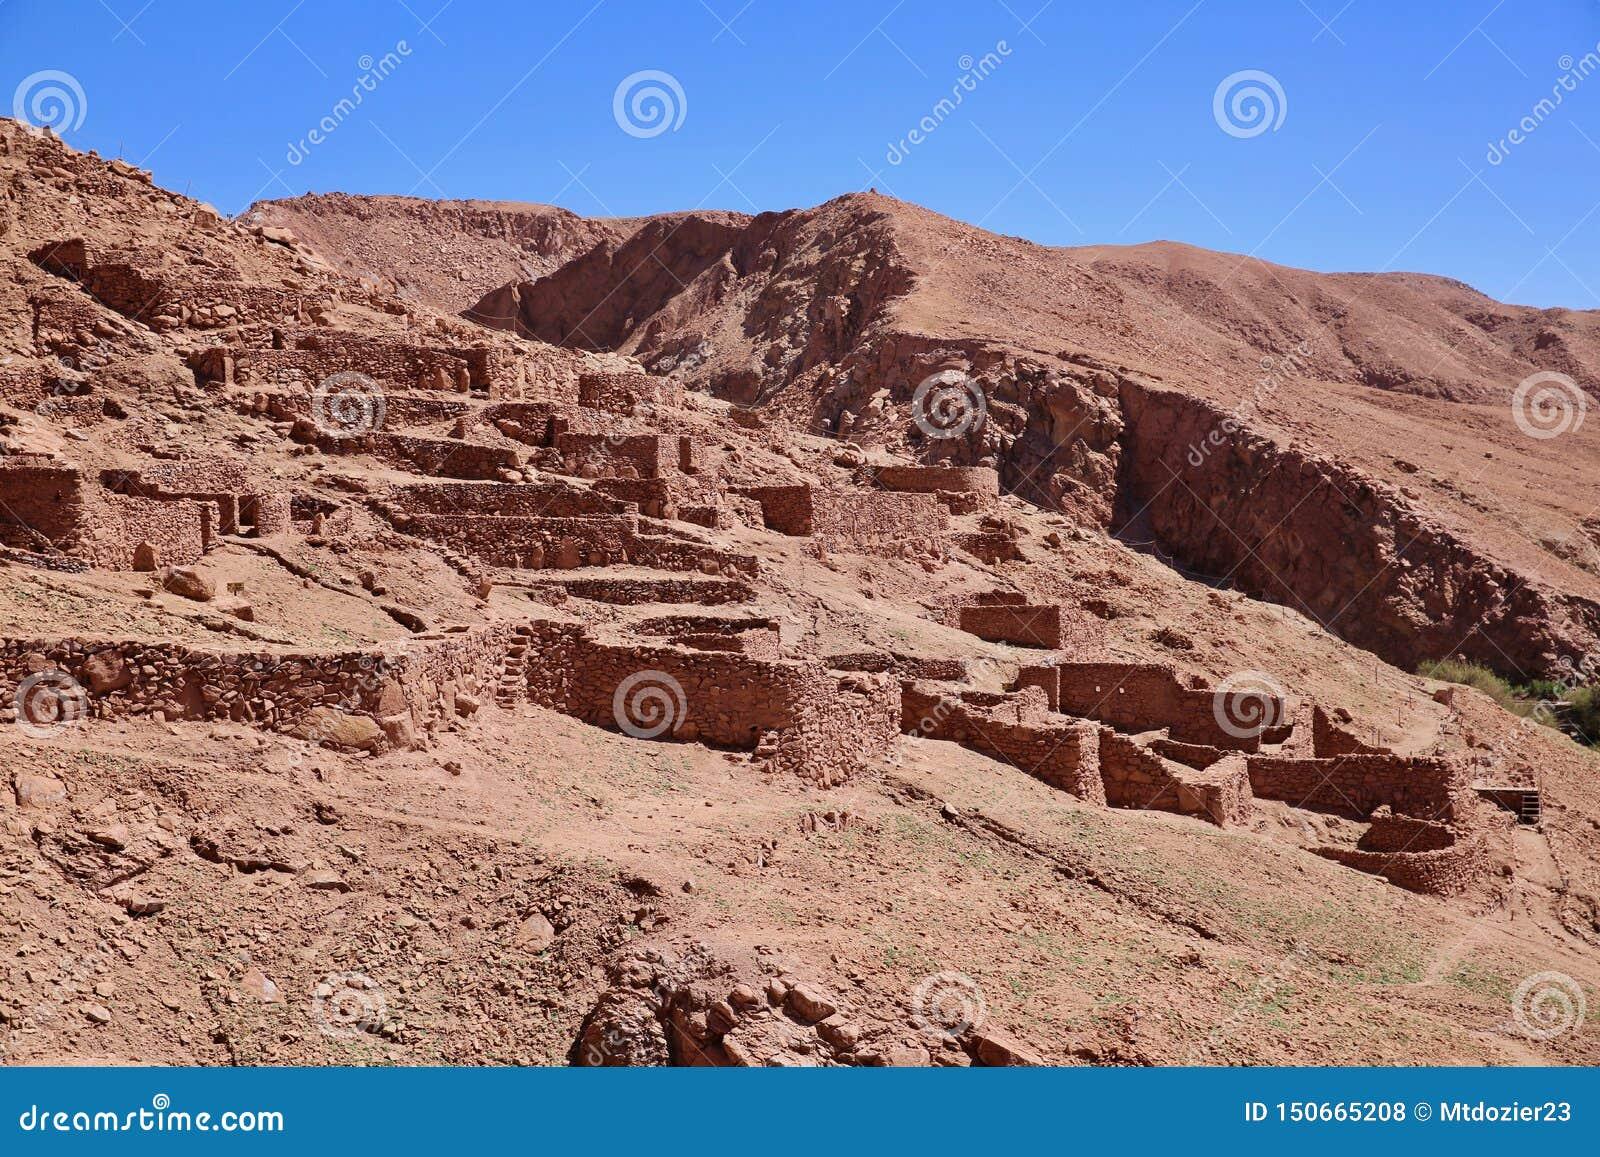 Ruínas Incan antigas no Chile rural